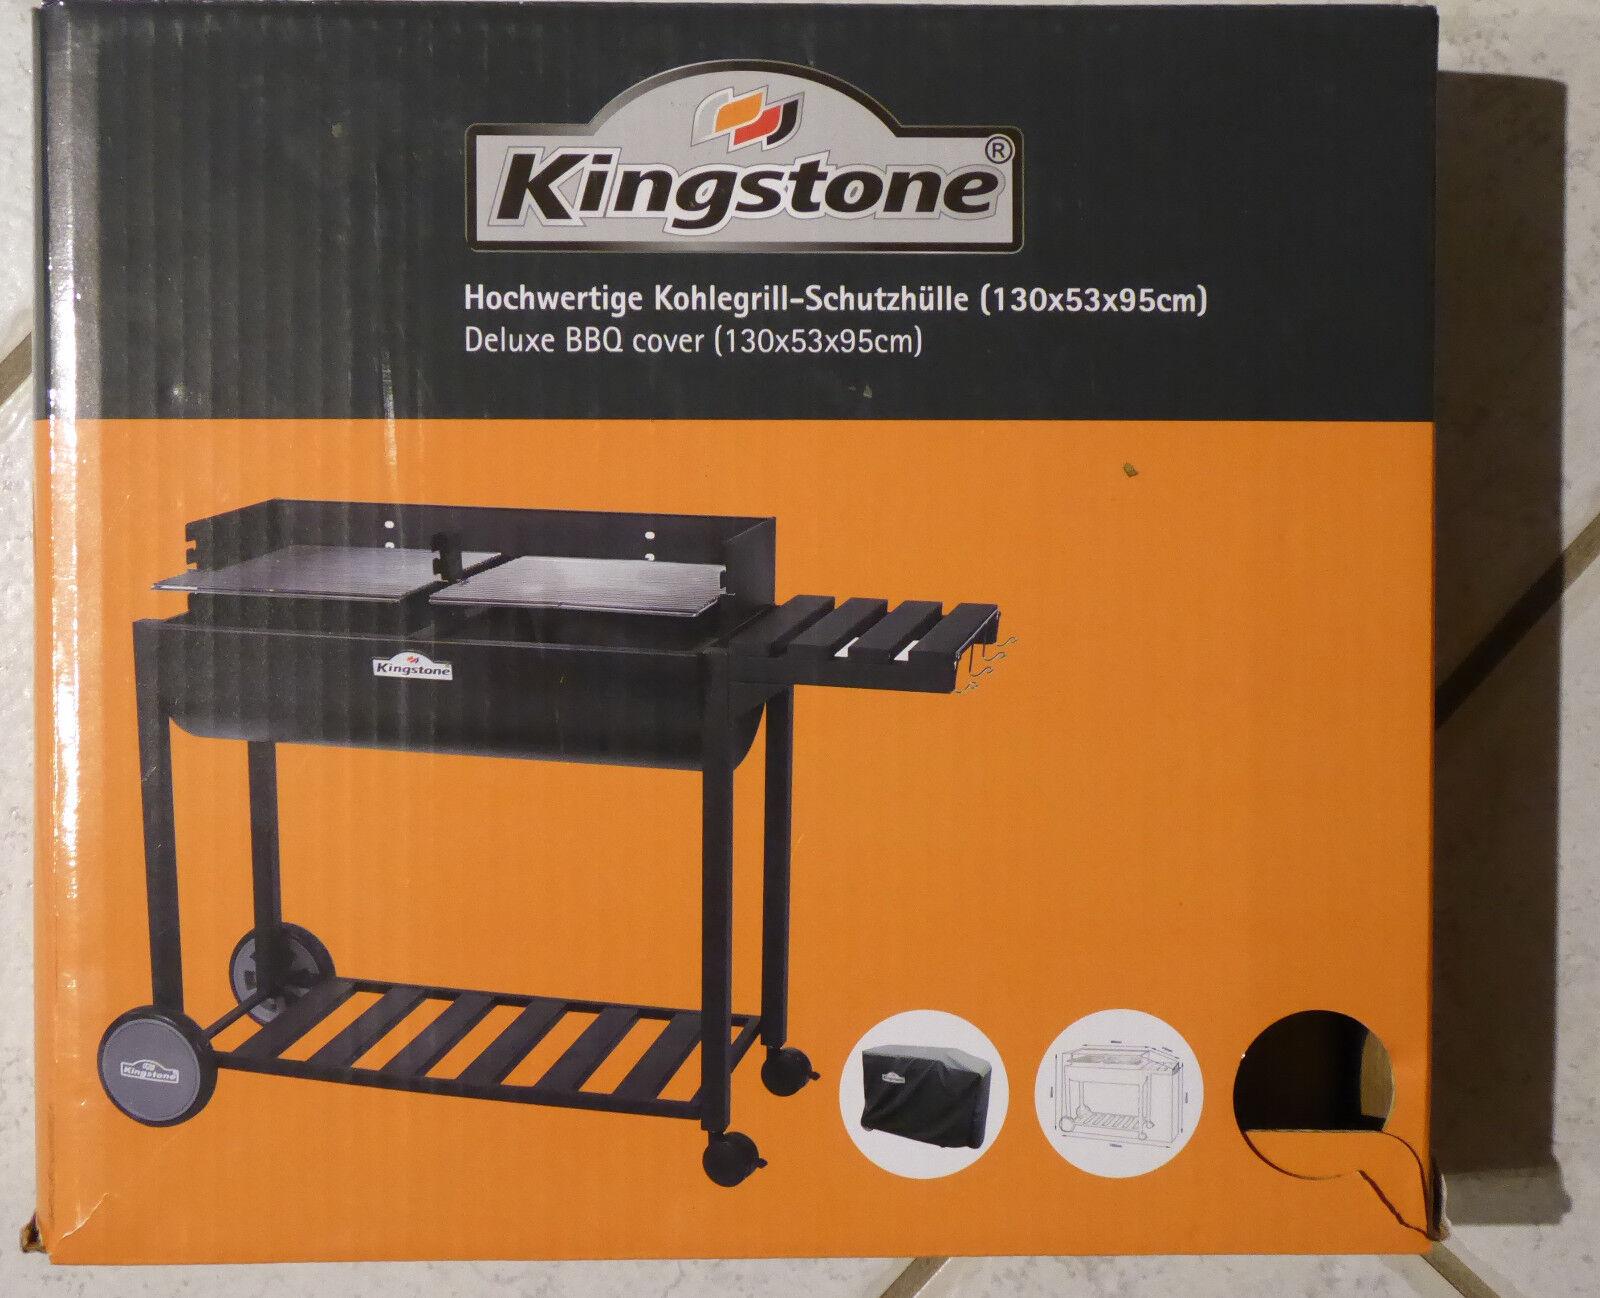 Kingstone Holzkohlegrill Test : Smoker grill test videos und bilder smoker kaufen